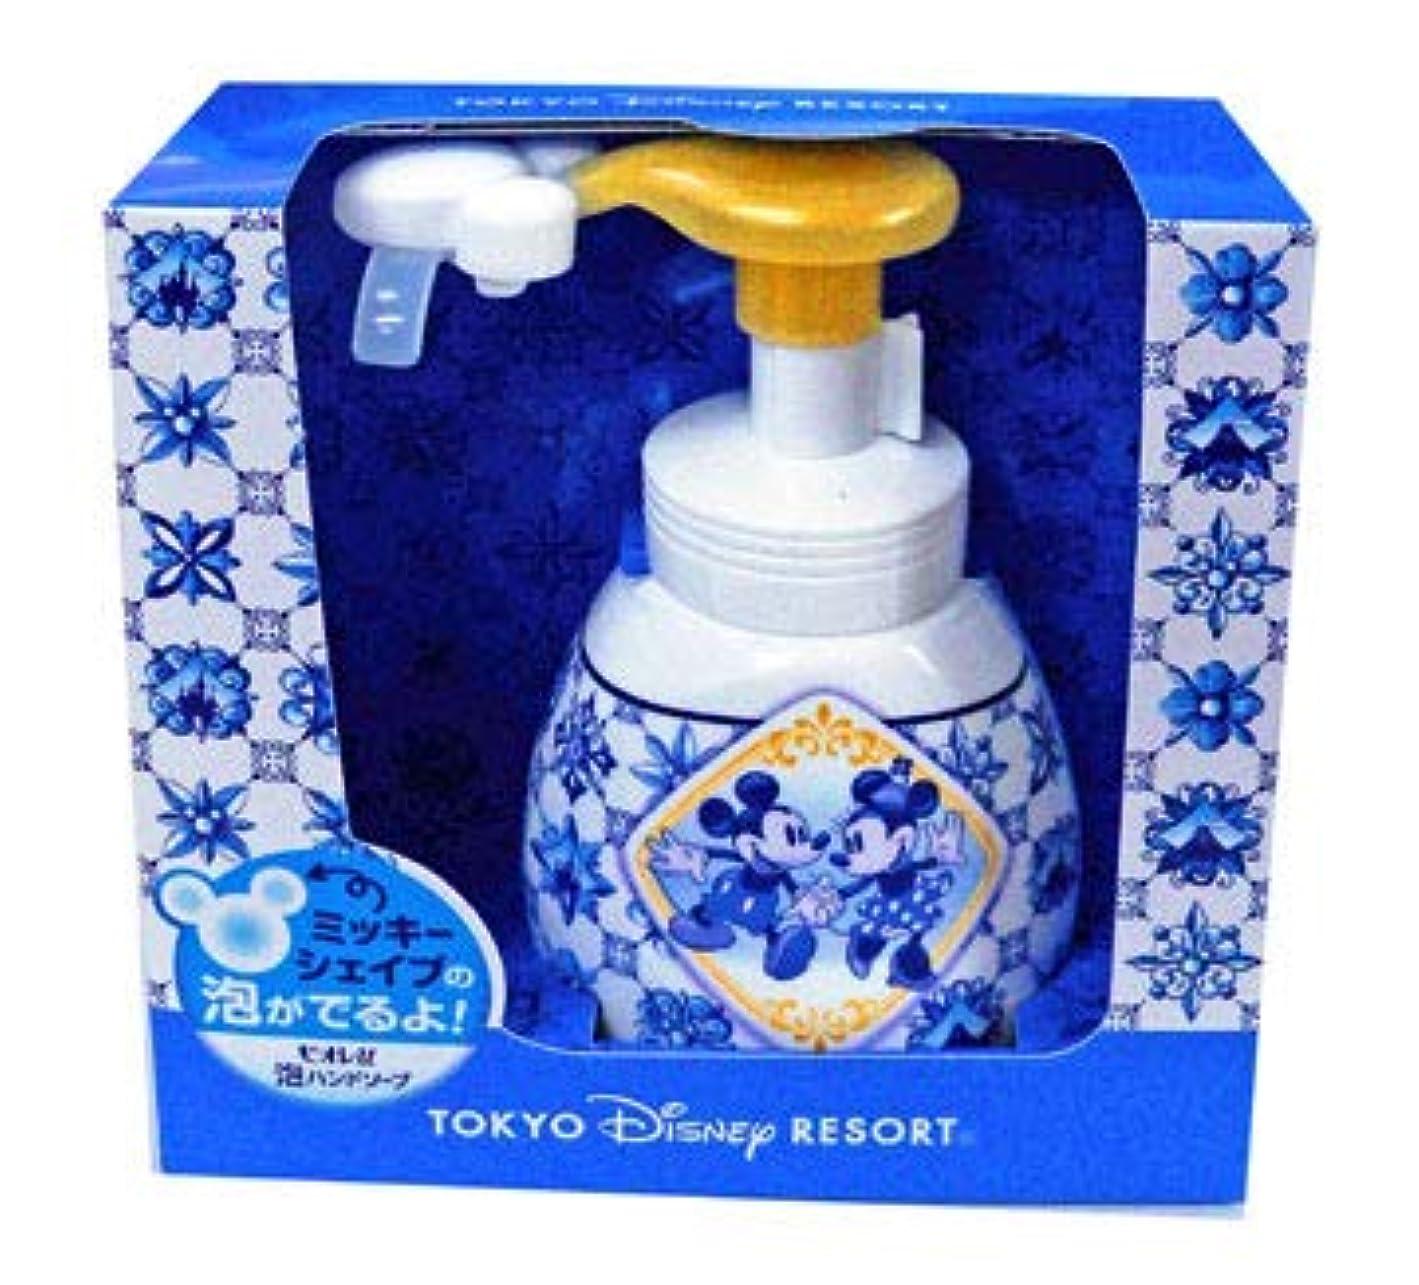 回復繰り返し入札泡ハンドソープ(新デザイン) 東京ディズニーリゾート ミッキーとミニー柄  おみやげ